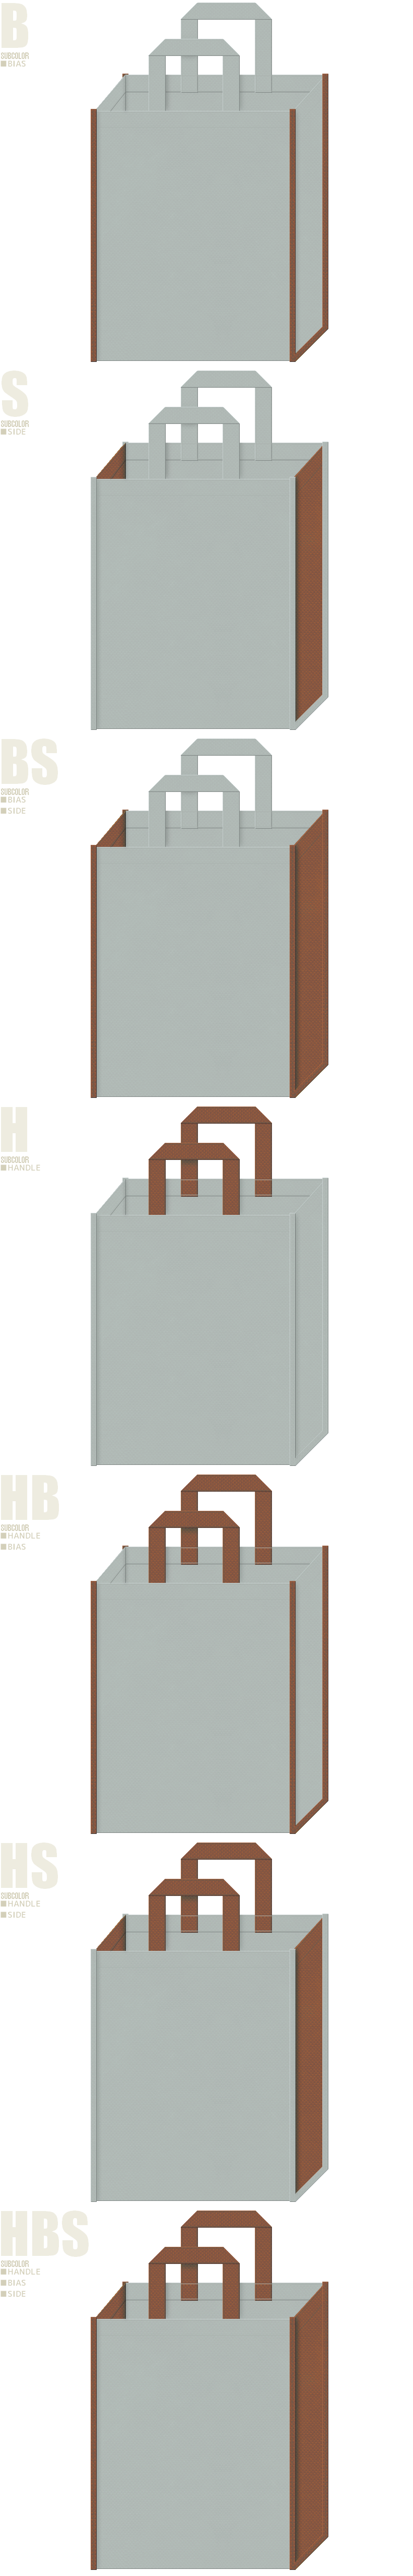 ワニ・サイ・ニット・セーター・アウター・レギンス・秋冬ファッションの展示会用バッグにお奨めの不織布バッグデザイン:グレー色と茶色の配色7パターン